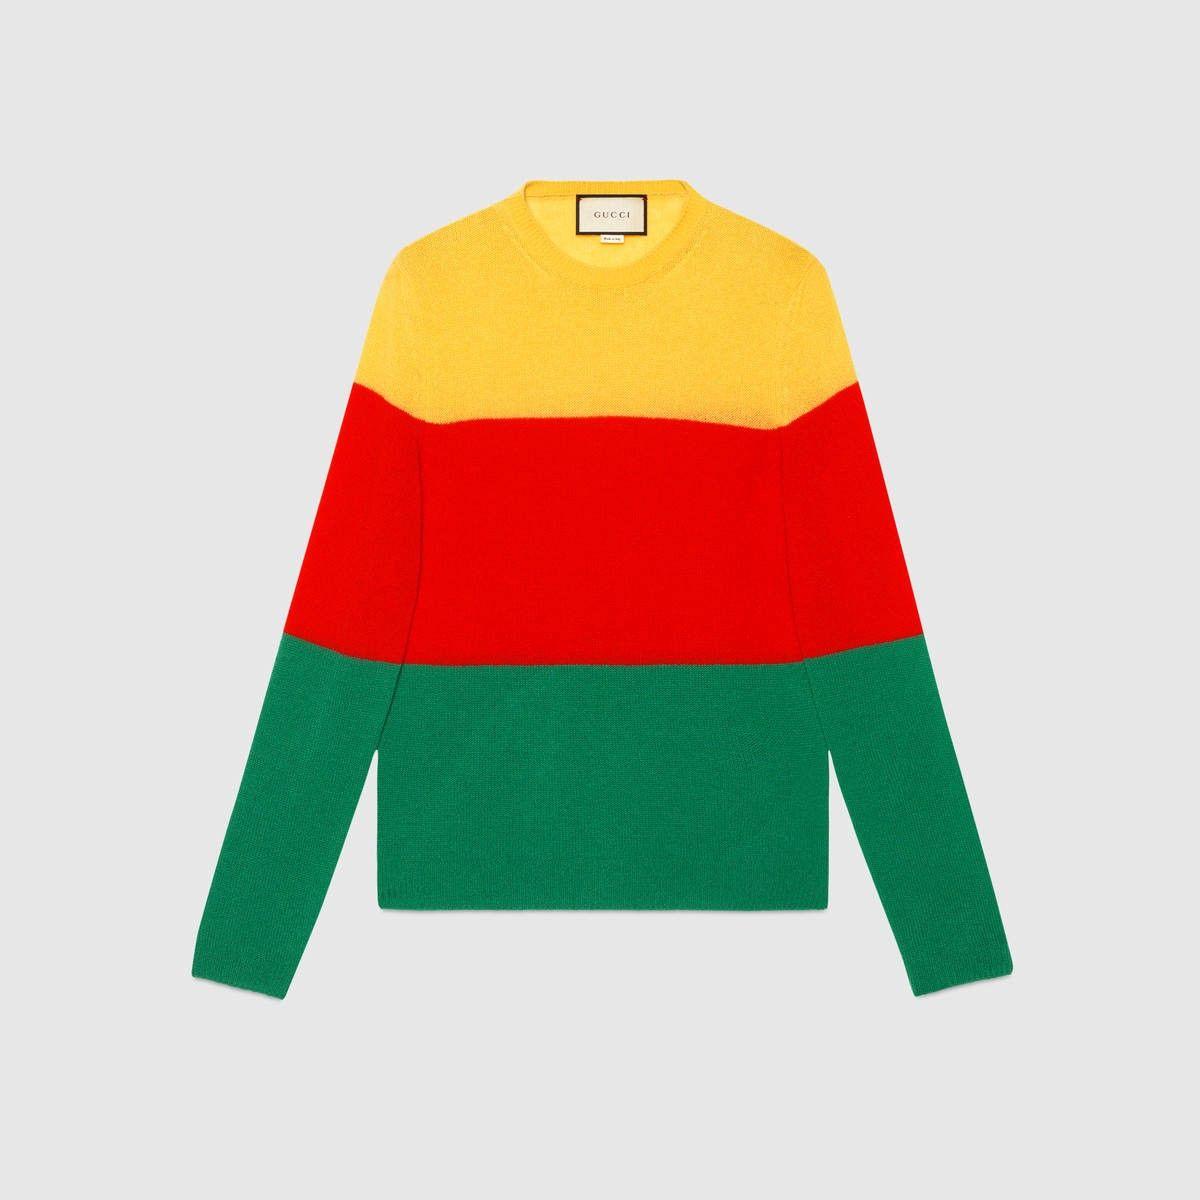 df04f72e8 GUCCI Cashmere Striped Crew Neck Sweater - Yellow, Red And Green Cashmere. # gucci #cloth #all